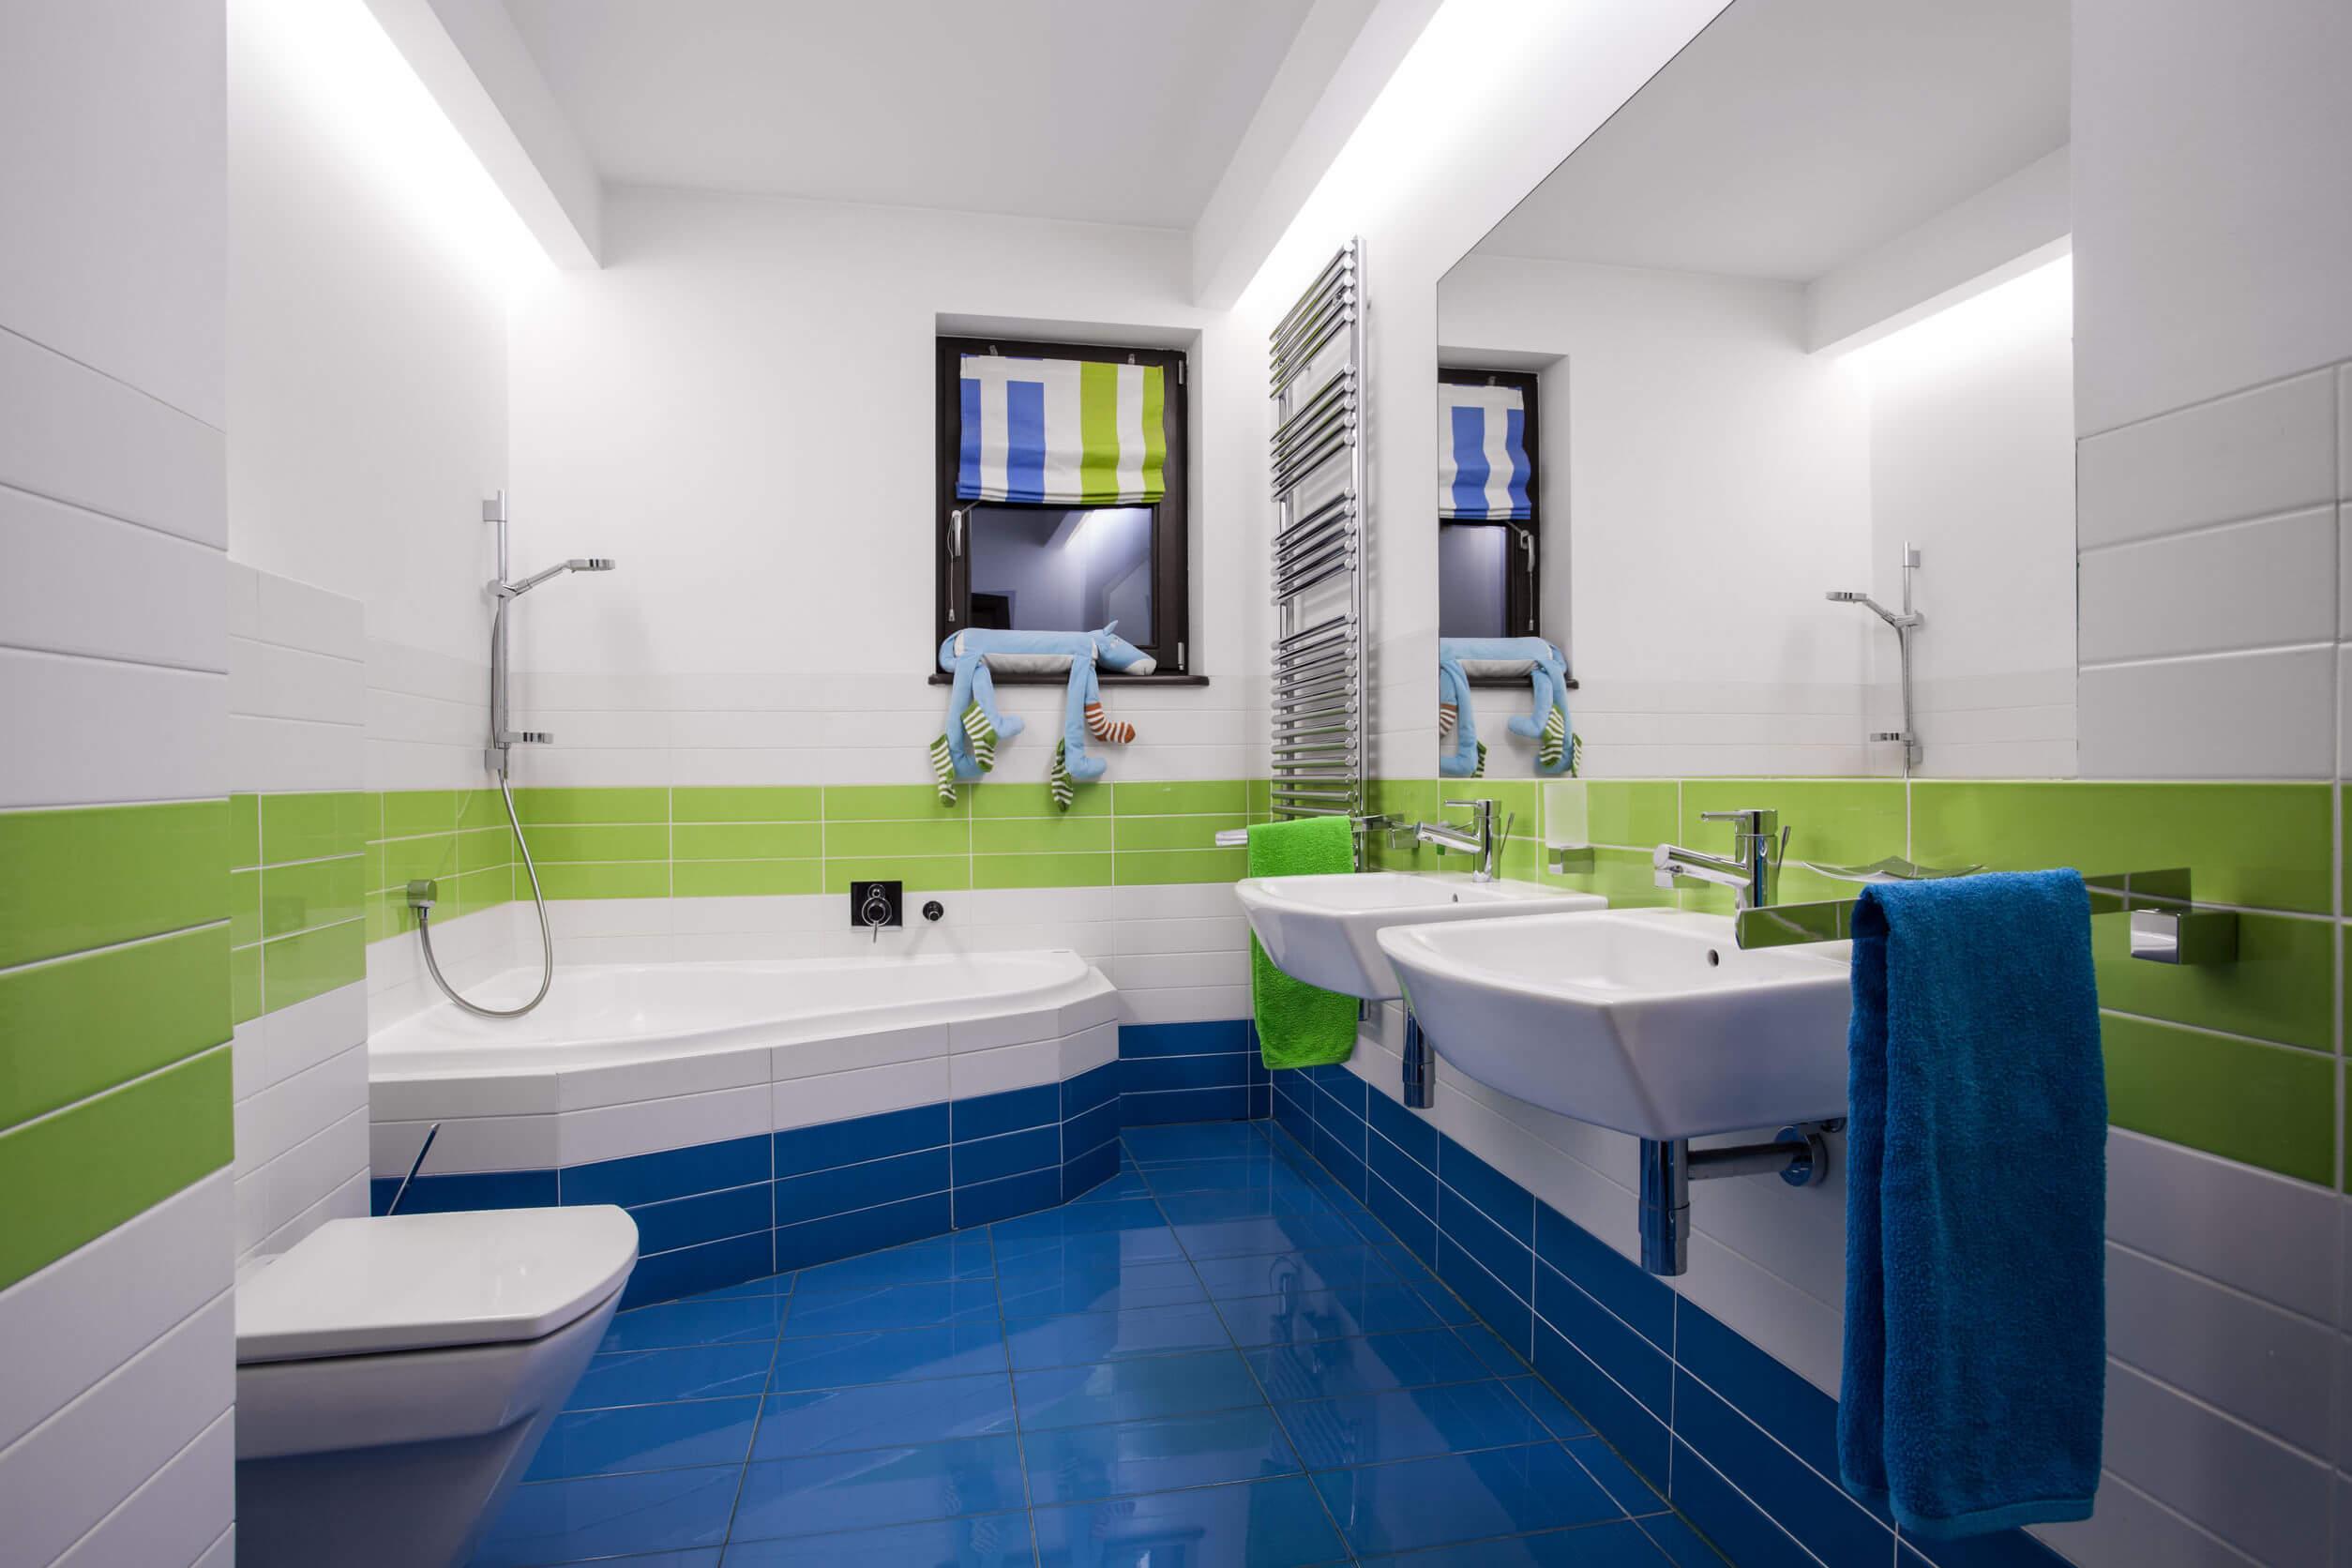 Milyen színű csempe kerüljön a fürdőszobába?